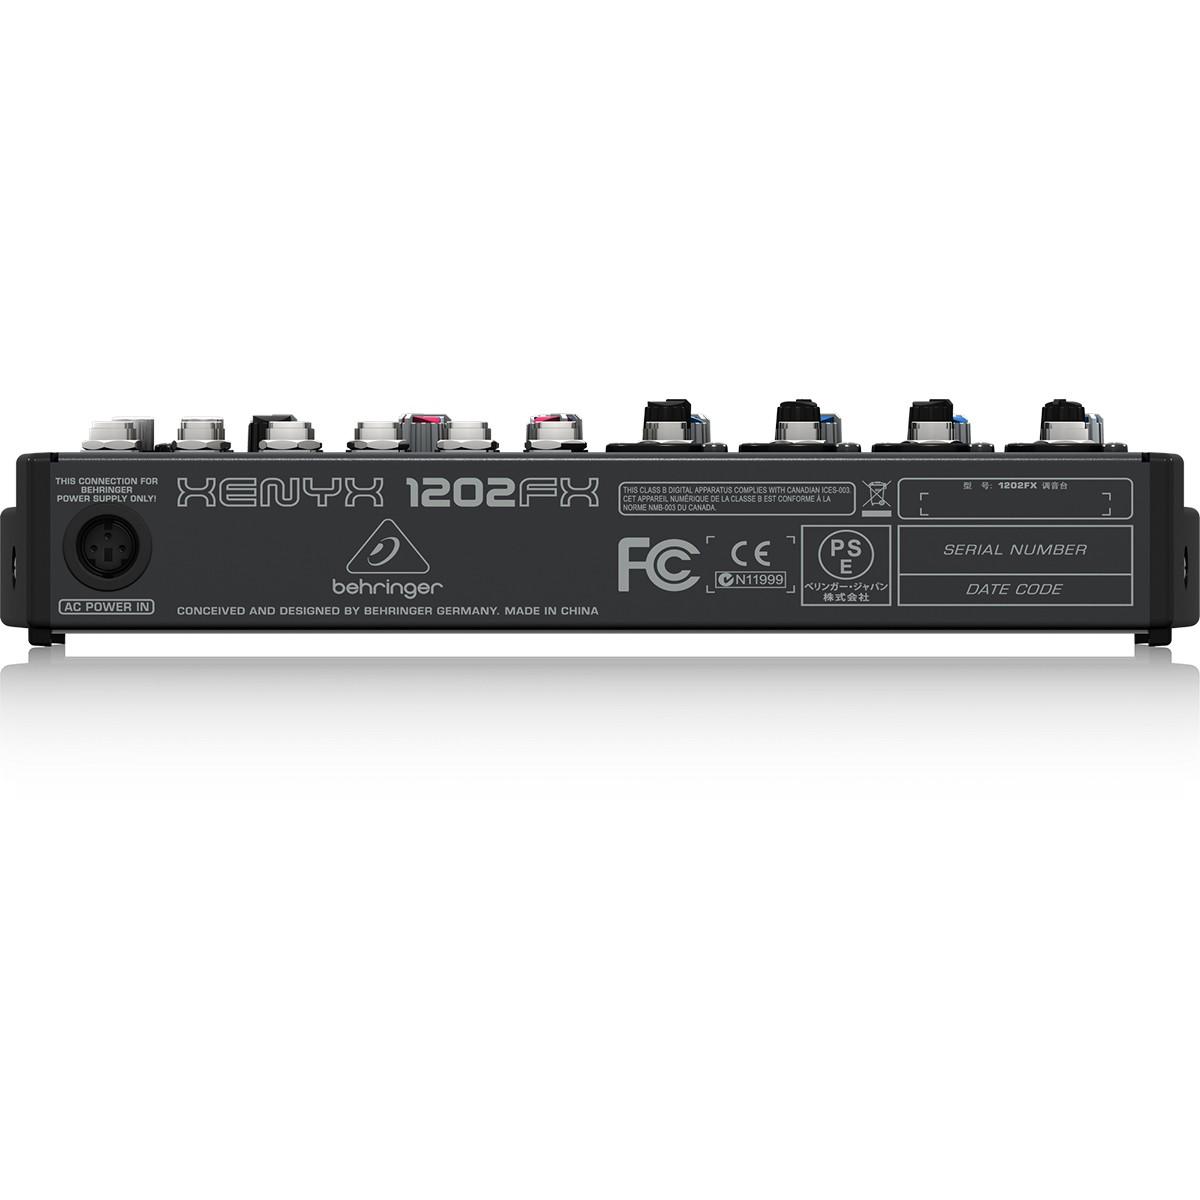 Behringer Xenyx 1202Fx Mesa Mixer, 220v